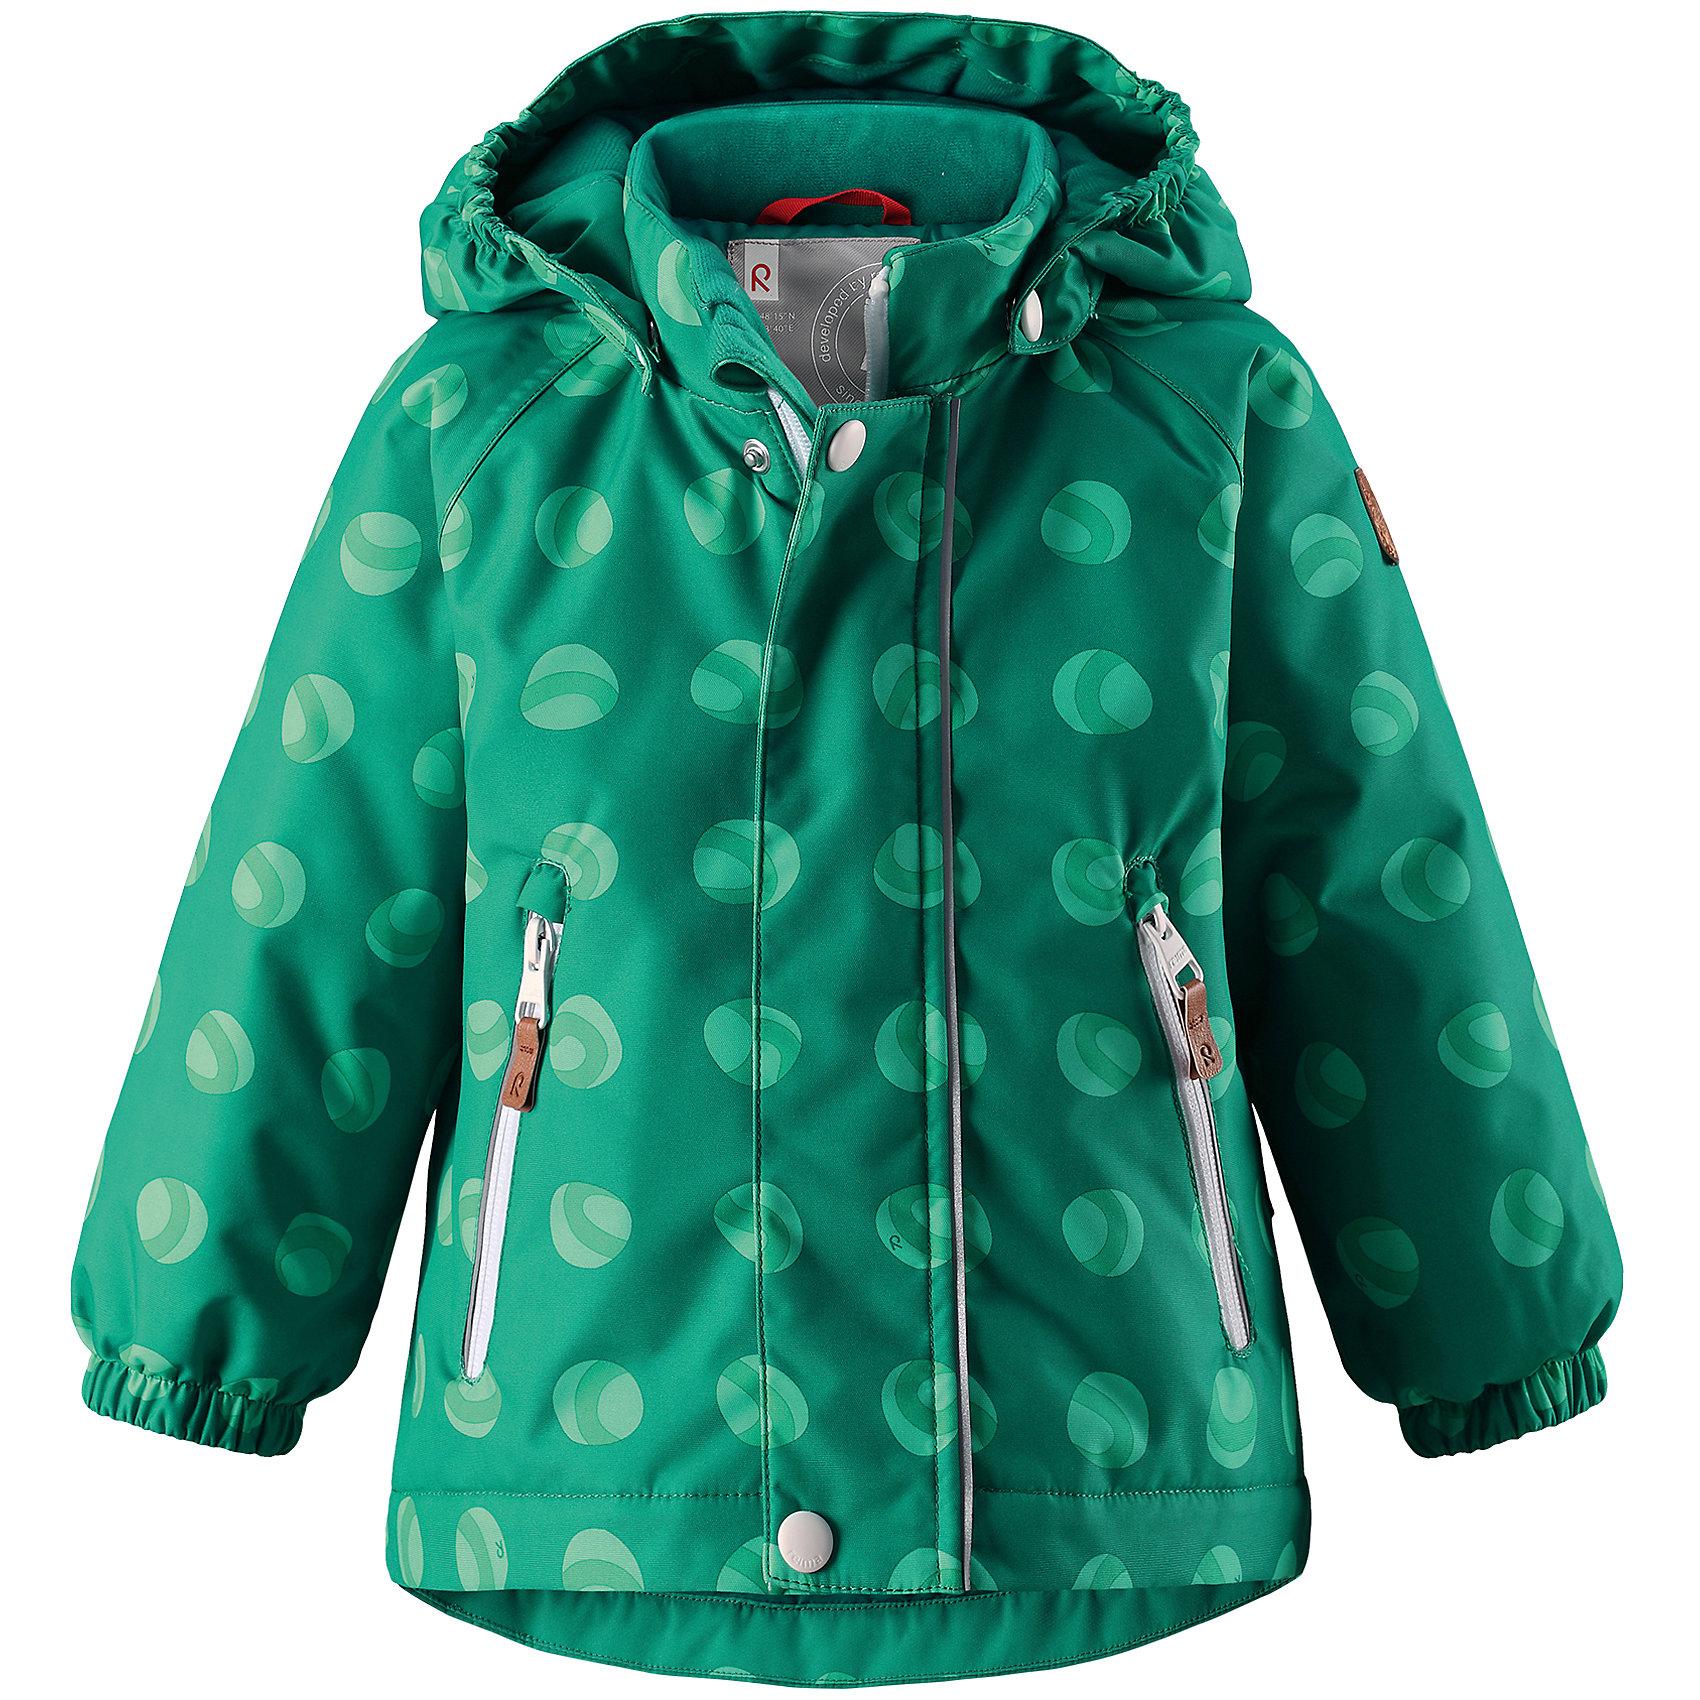 Куртка Reimatec® Reima RuisВерхняя одежда<br>Характеристики товара:<br><br>• цвет: зеленый;<br>• состав: 100% полиэстер;<br>• подкладка: 100% полиэстер;<br>• утеплитель: 160 г/м2;<br>• сезон: демисезон, зима;<br>• температурный режим: от 0 до -20С;<br>• водонепроницаемость: 8000 мм;<br>• воздухопроницаемость: 10000 мм;<br>• износостойкость: 30000 циклов (тест Мартиндейла);<br>• водо- и ветронепроницаемый, дышащий и грязеотталкивающий материал;<br>• основные швы проклеены и водонепроницаемы;<br>• застежка: молния с защитой подбородка;<br>• гладкая подкладка из полиэстера;<br>• безопасный, съемный капюшон;<br>• эластичные манжеты;<br>• два кармана на молнии;<br>• светоотражающие детали;<br>• страна бренда: Финляндия;<br>• страна изготовитель: Китай.<br><br>Основные швы в куртке проклеены, а сама она изготовлена из водо и ветронепроницаемого, грязеотталкивающего материала. Гладкая подкладка и молния во всю длину облегчают надевание. Съемный капюшон защищает от ветра, к тому же он абсолютно безопасен – легко отстегнется, если вдруг за что-нибудь зацепится. Маленькие карманы на молнии надежно сохранят все сокровища.<br><br>Куртку Reimatec® Reima Ruis от финского бренда Reima (Рейма) можно купить в нашем интернет-магазине.<br><br>Ширина мм: 356<br>Глубина мм: 10<br>Высота мм: 245<br>Вес г: 519<br>Цвет: зеленый<br>Возраст от месяцев: 24<br>Возраст до месяцев: 36<br>Пол: Унисекс<br>Возраст: Детский<br>Размер: 98,92,80,86<br>SKU: 6968447